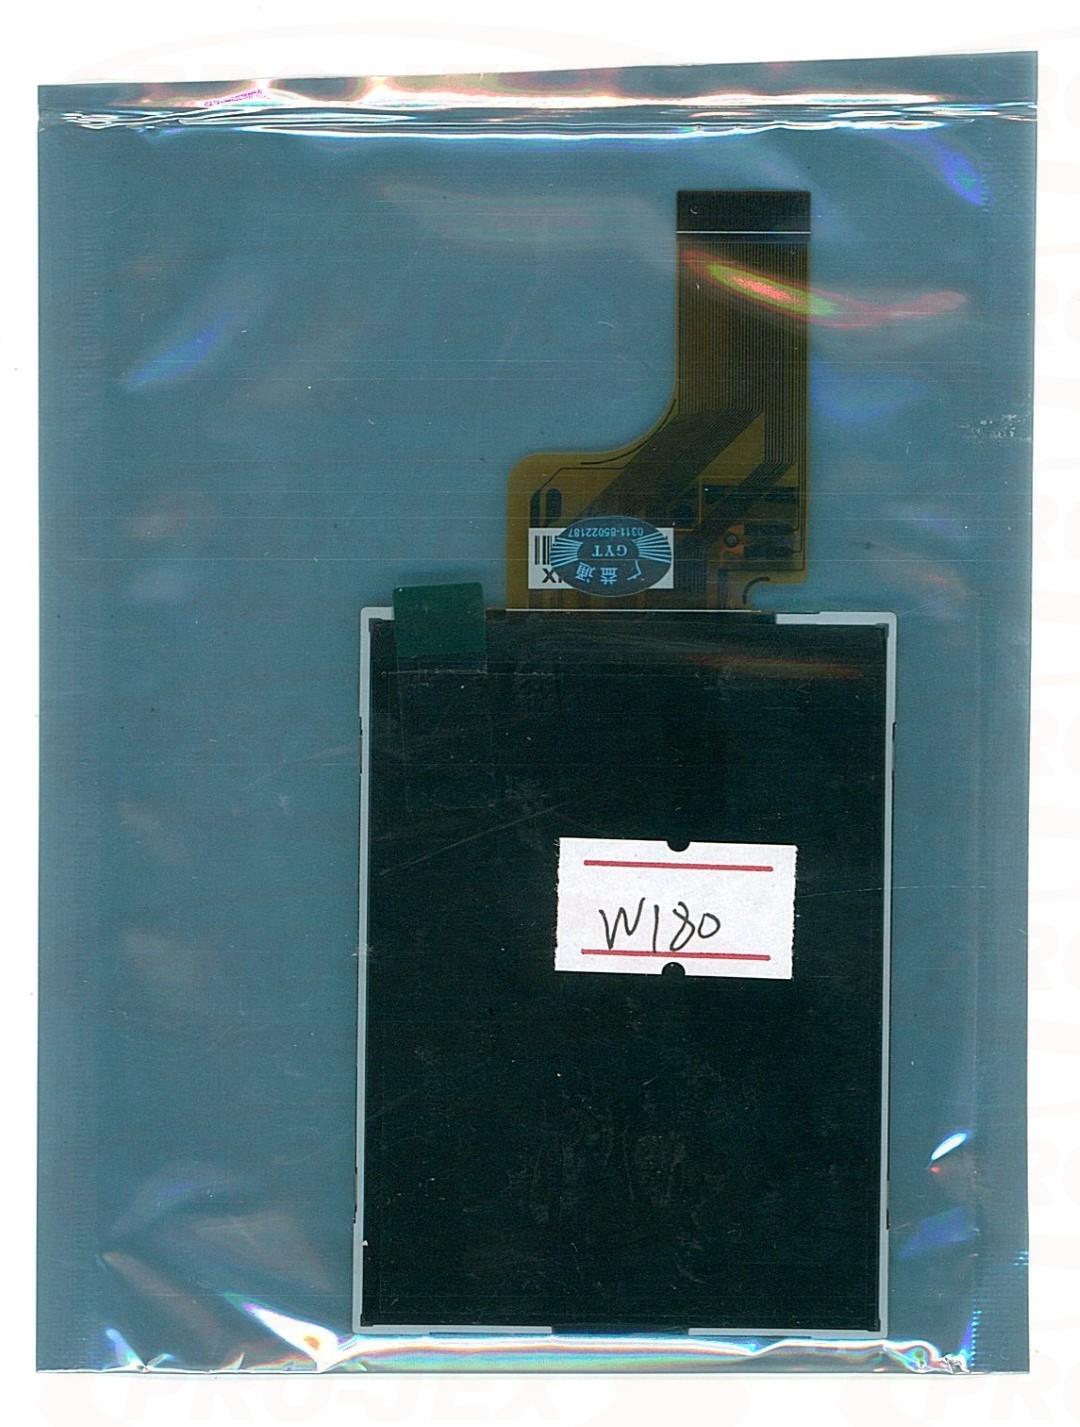 LCD SONY DSC-W180 W180 DSC-W190 W190